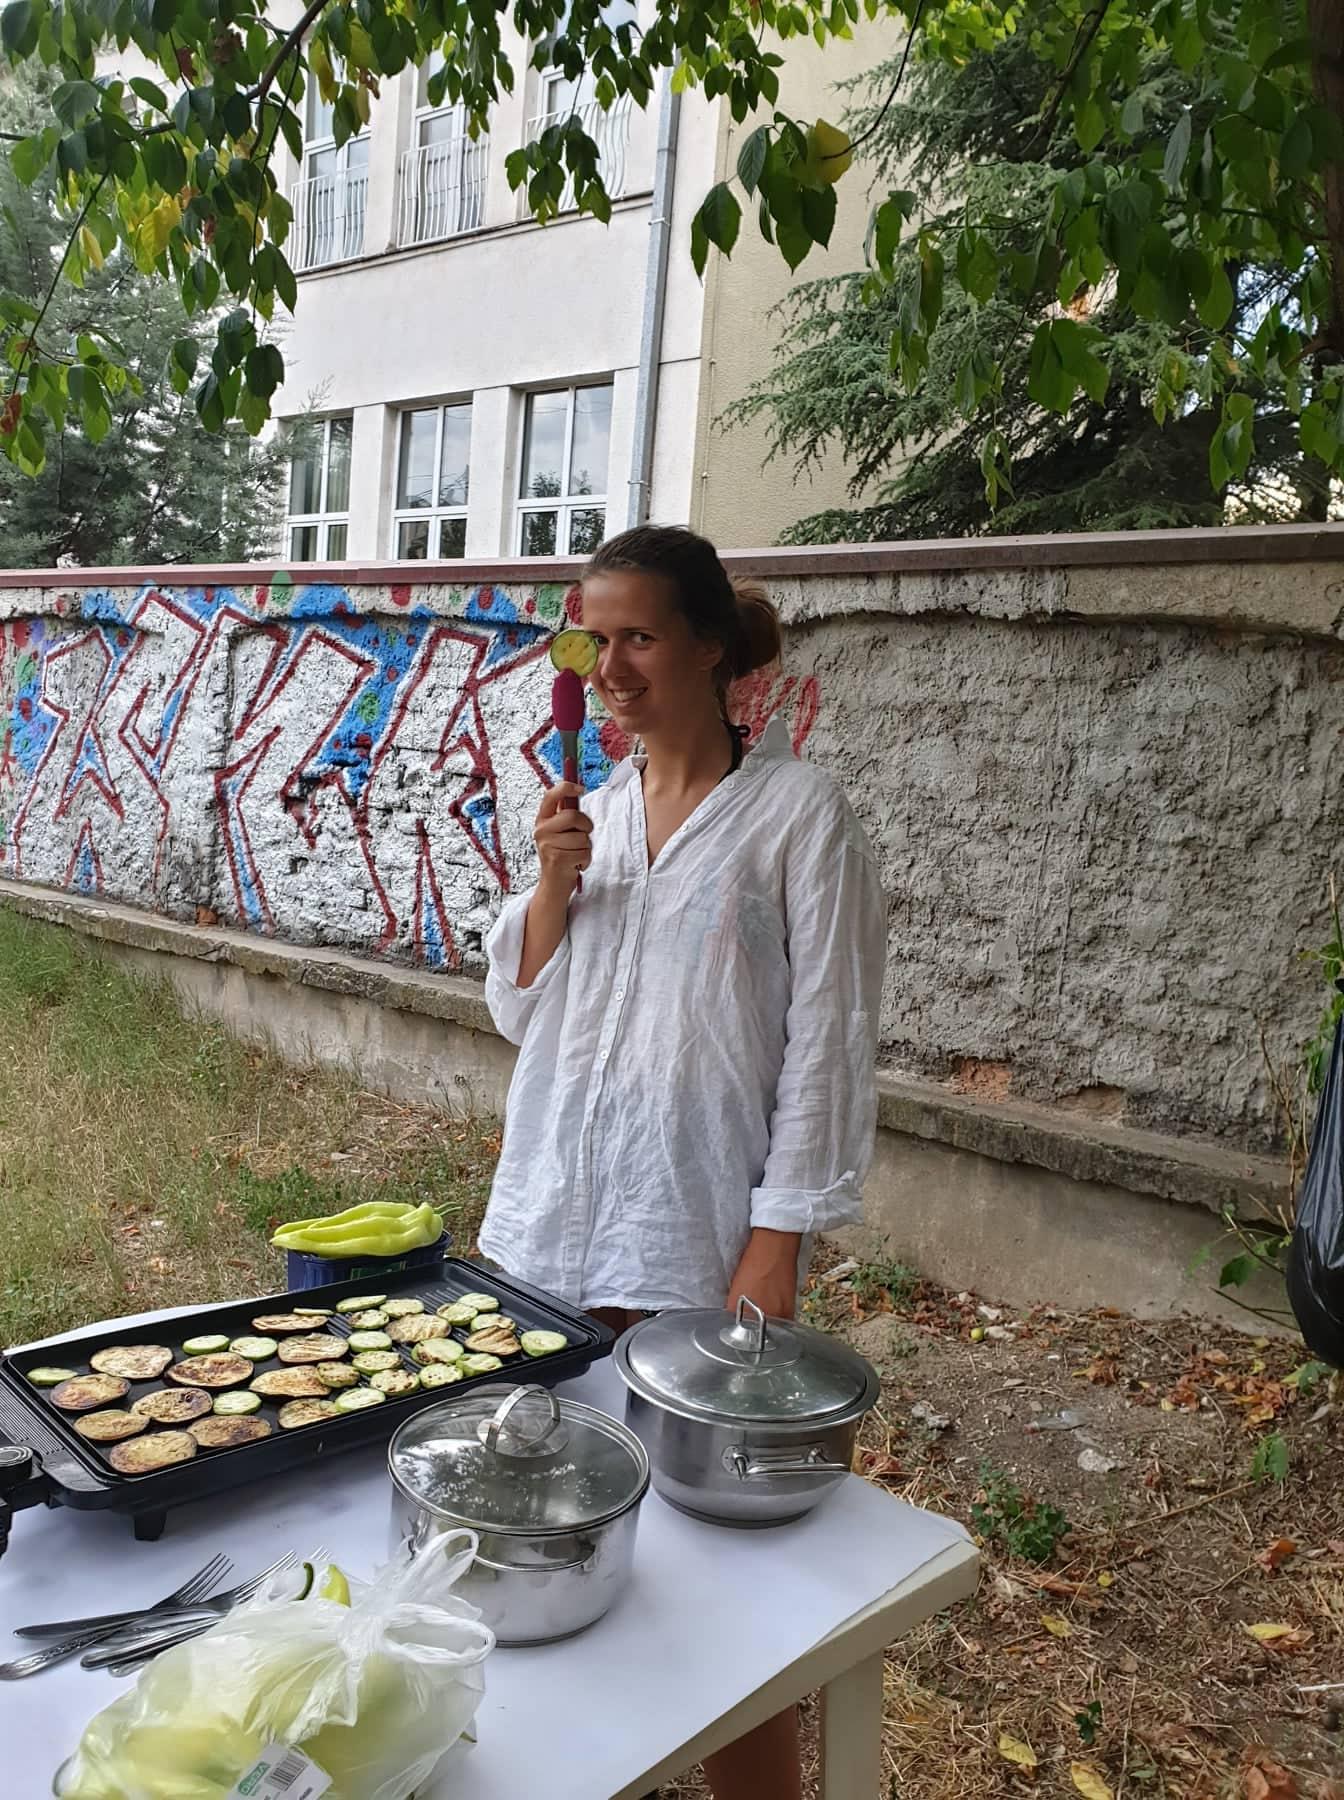 evs volunteer roma evt triine viisma vabatahtlik volunteer macedonia